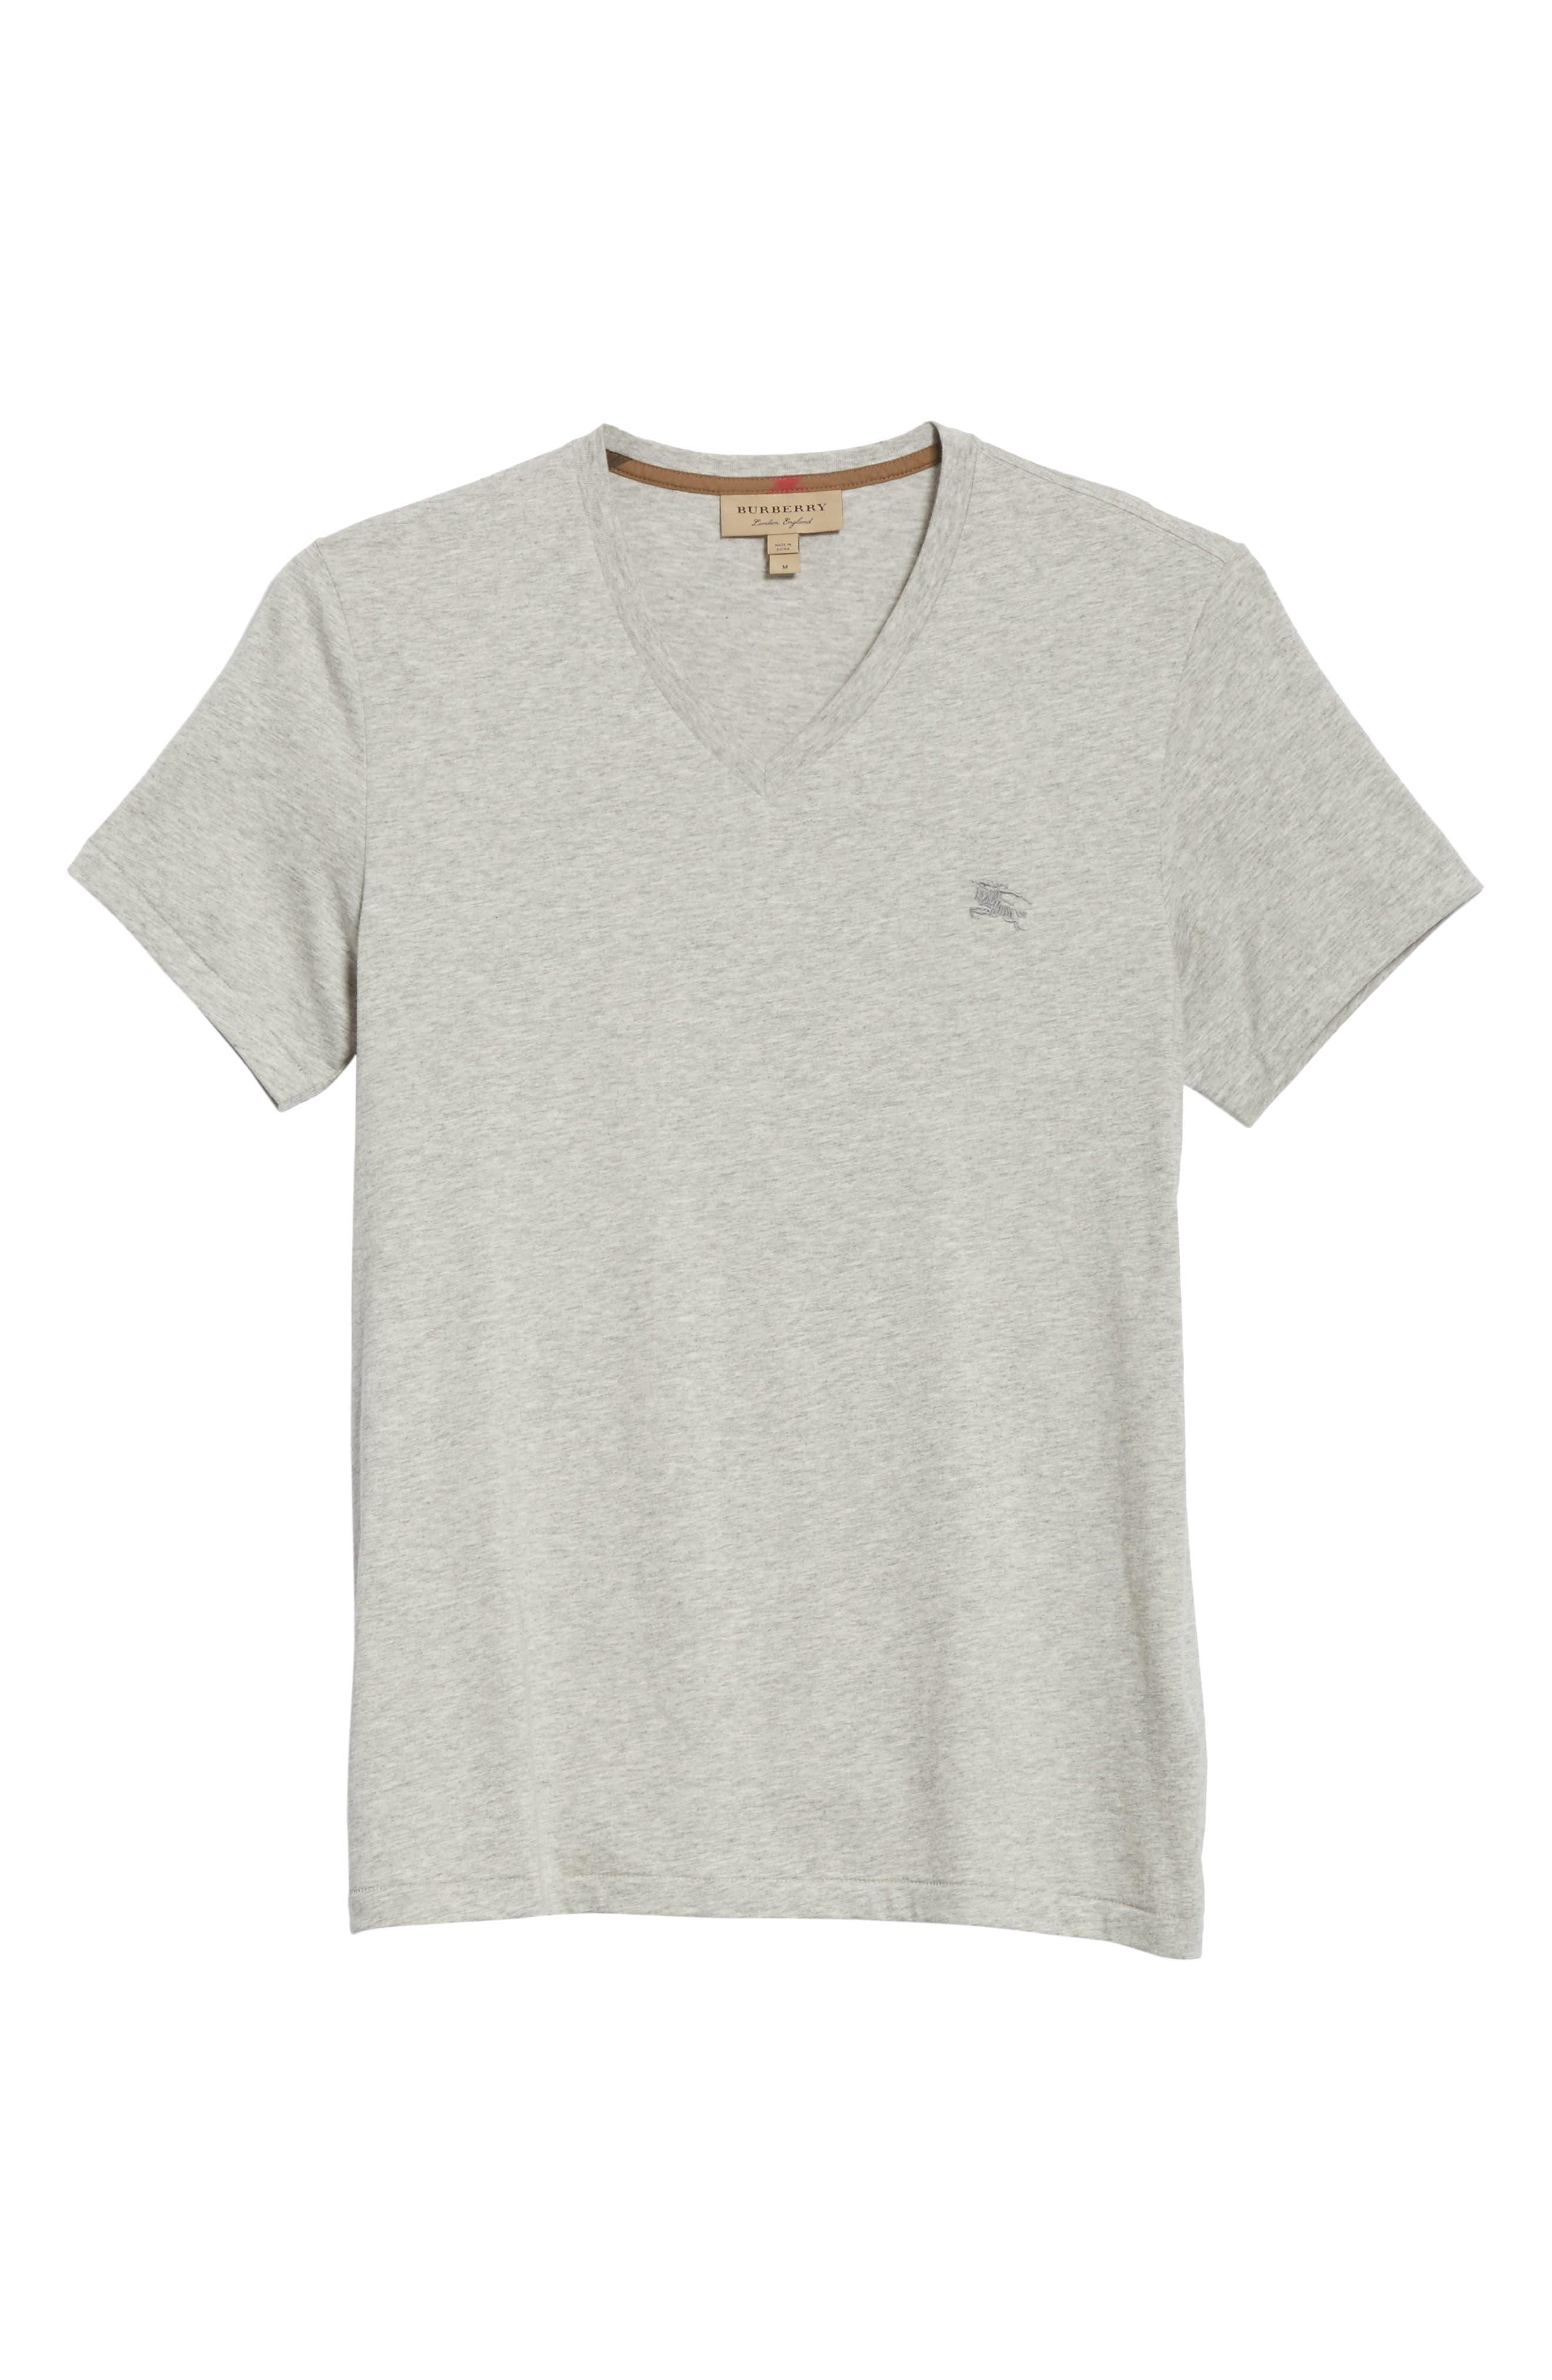 Jadforth V-Neck T-Shirt,                             Alternate thumbnail 6, color,                             PALE GREY MELANGE